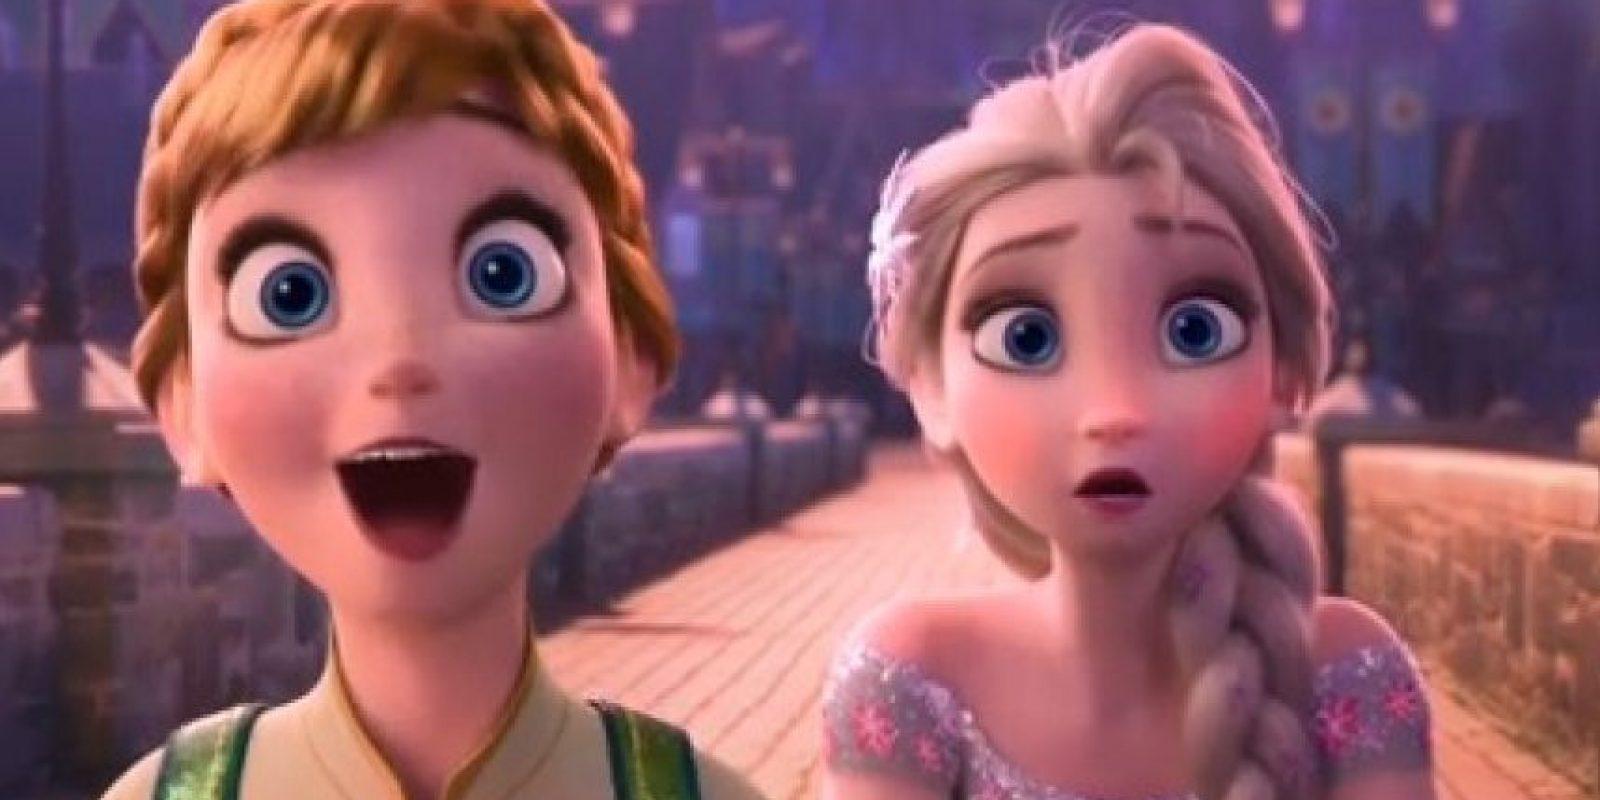 """Cuando las puertas se abren durante la canción """"The First Time in Forever"""", al fondo aparecen otras princesas de Disney, como """"Rapunzel"""" y """"Eugene"""" de """"Enredados"""" Foto:Disney"""